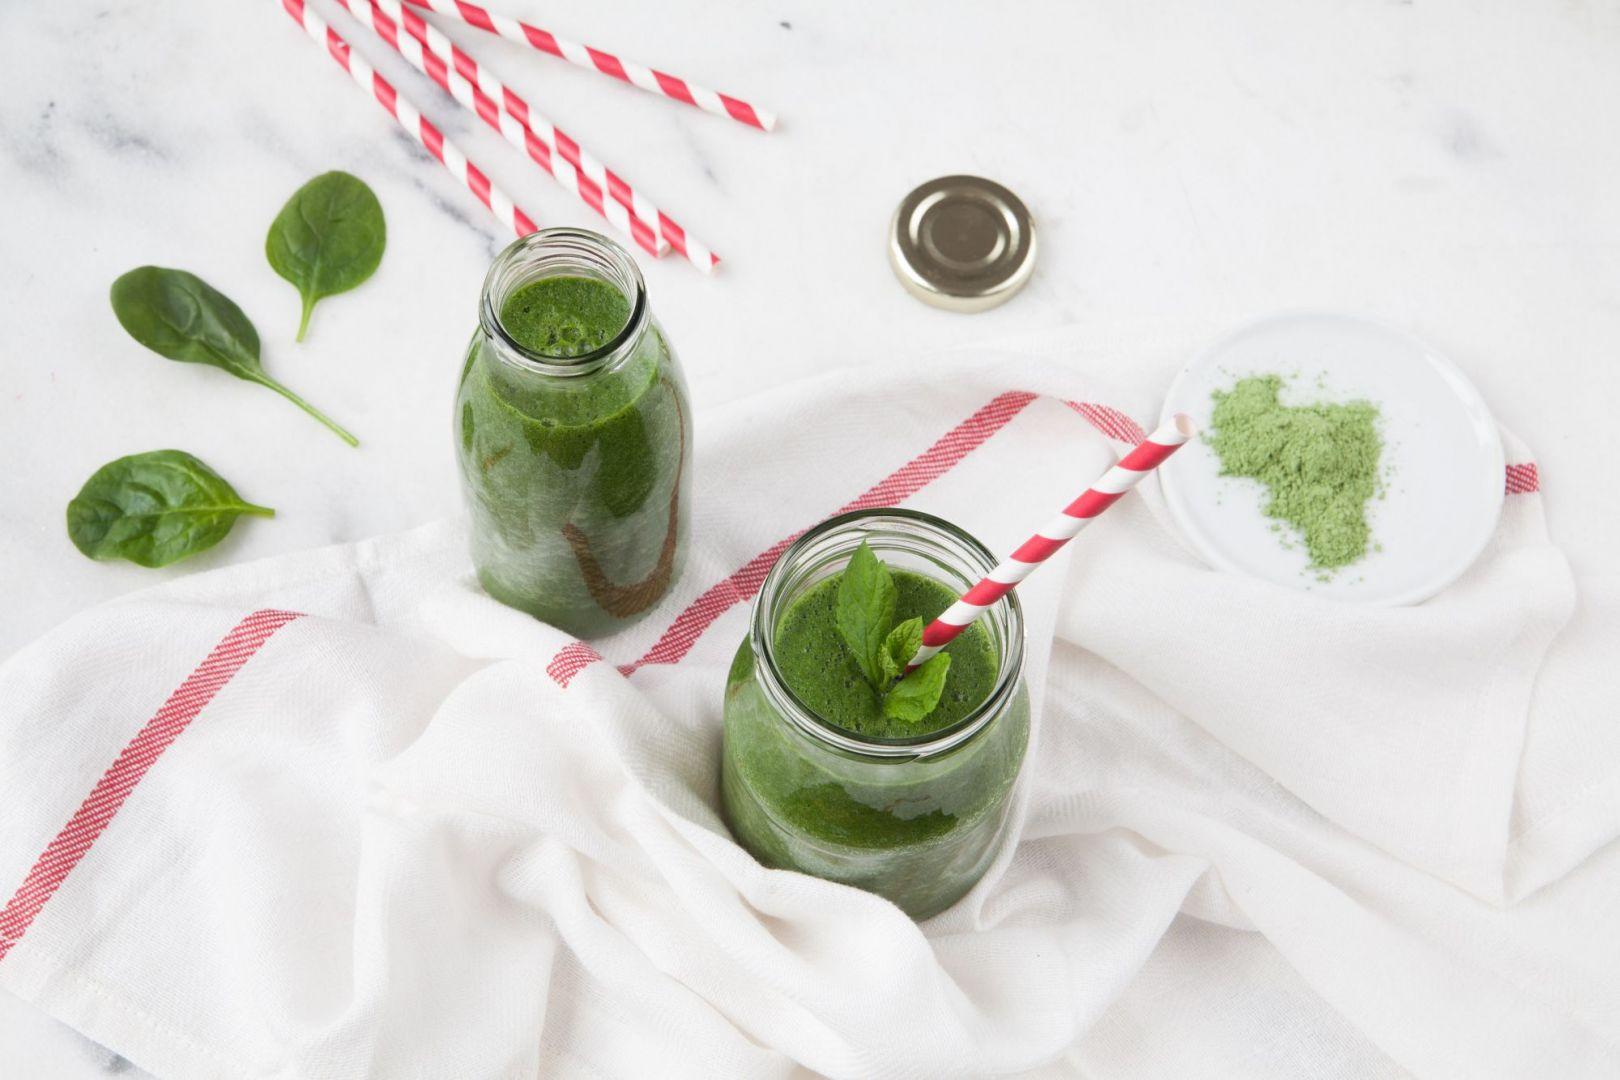 Prezent na Dzień Kobiet - zdrowa dieta: zielone smoothie. Fot. Termomix